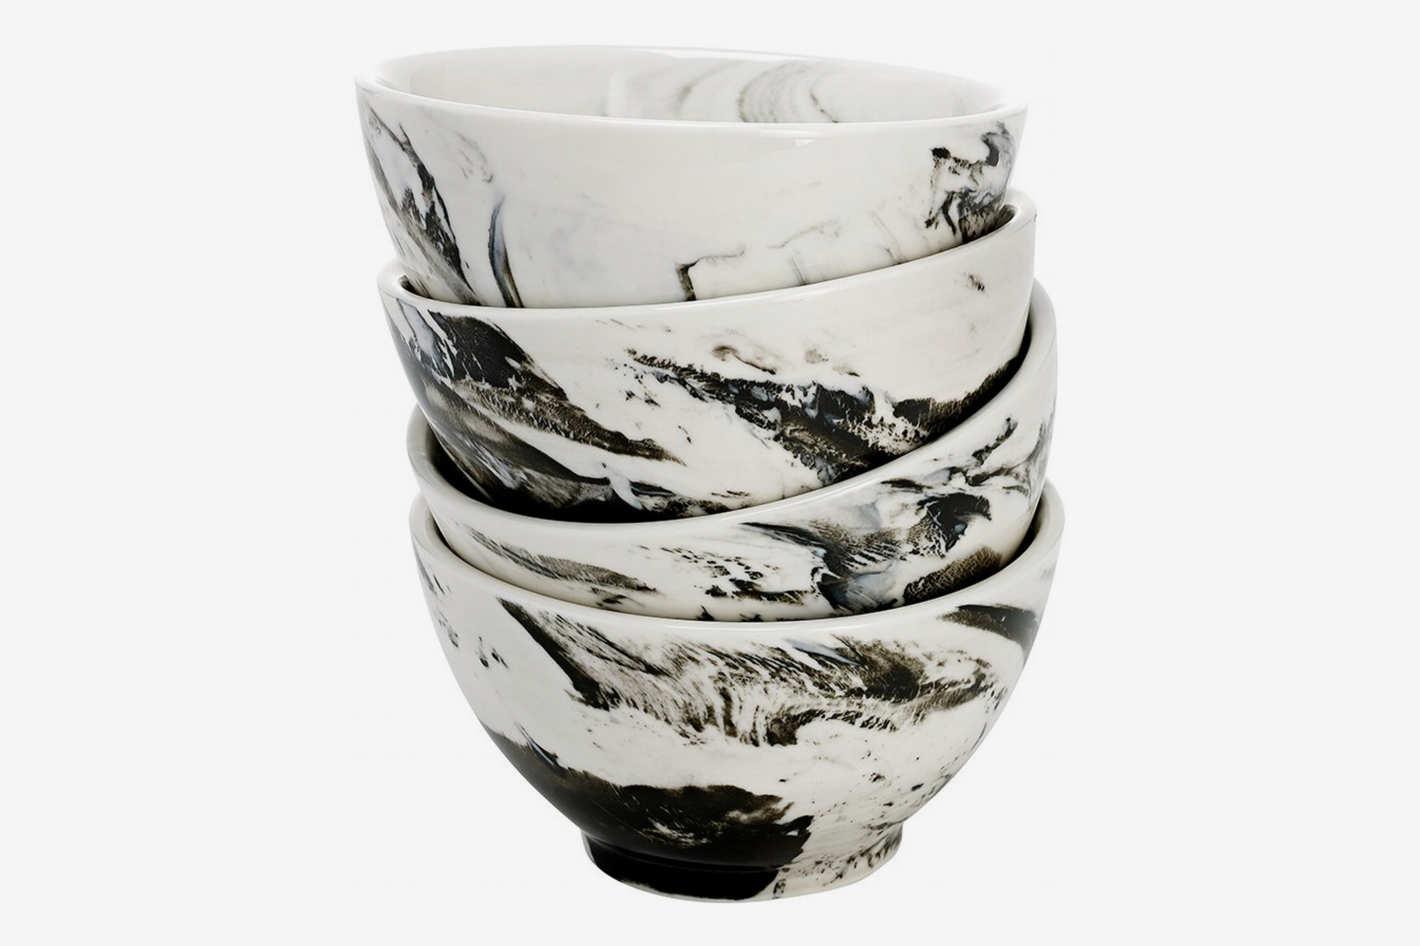 OverandBack Marble Finish Bowls, Set of 4